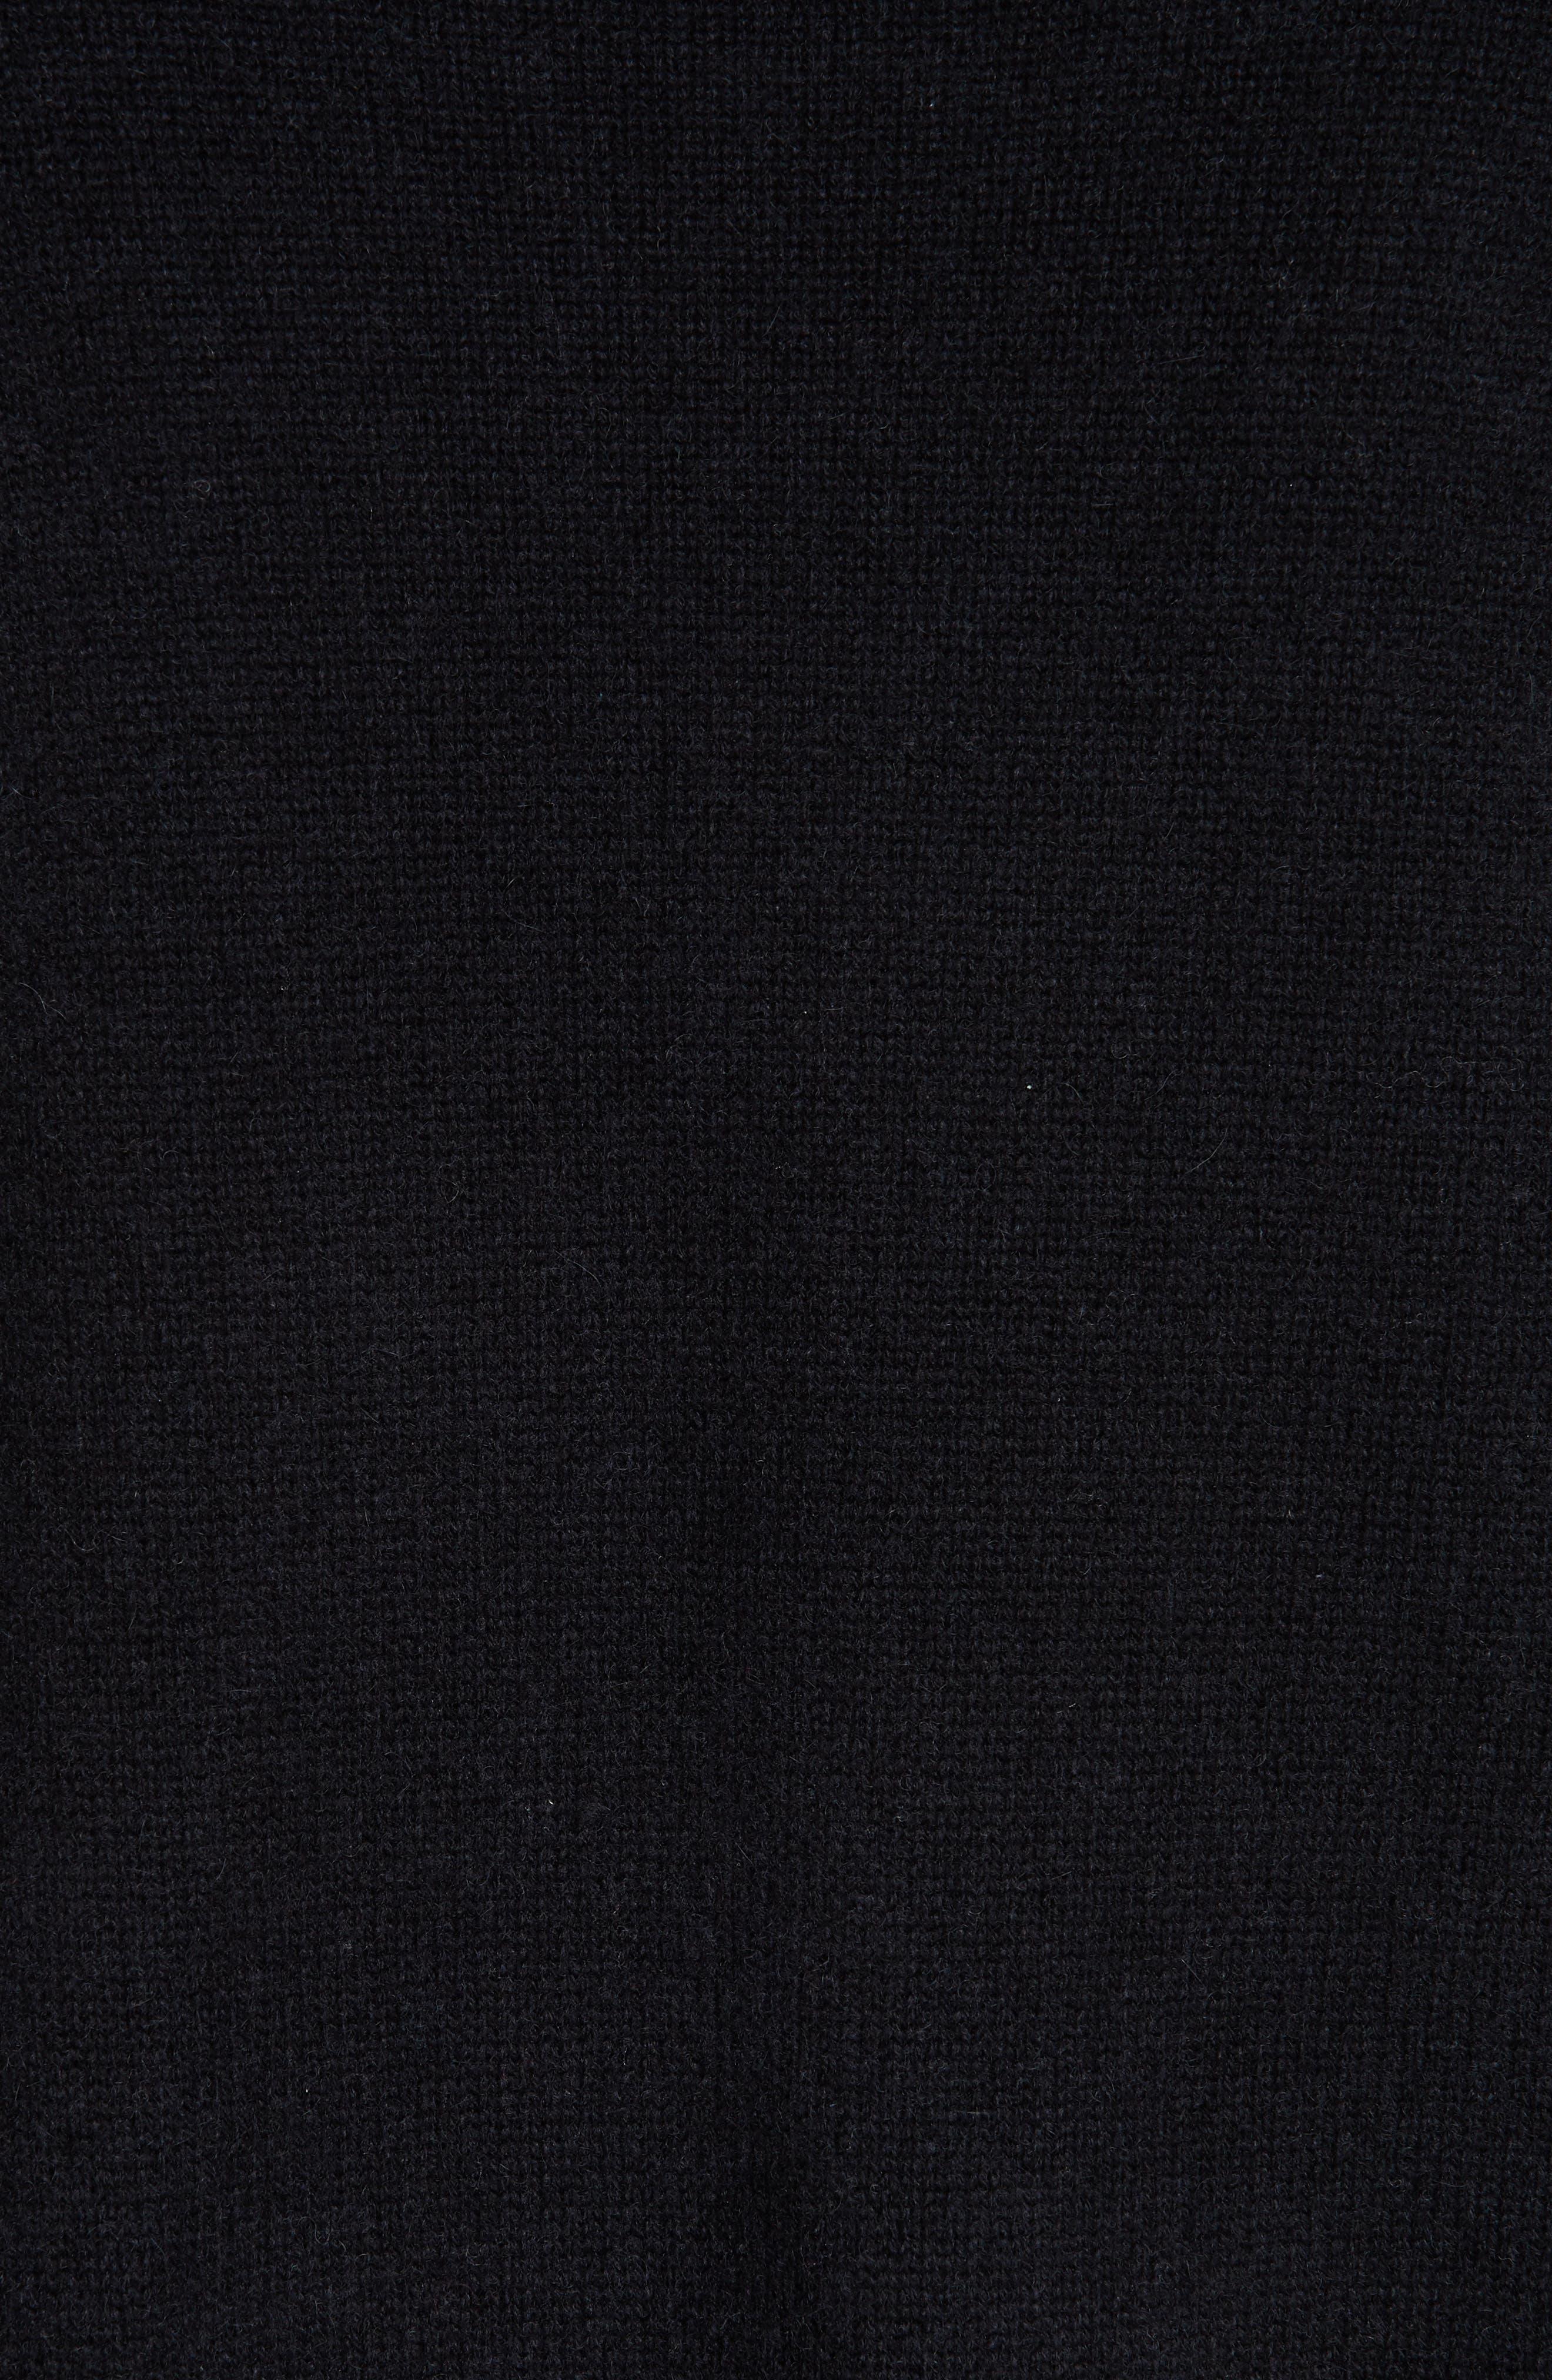 Button Shoulder Cashmere Sweater,                             Alternate thumbnail 5, color,                             BLACK